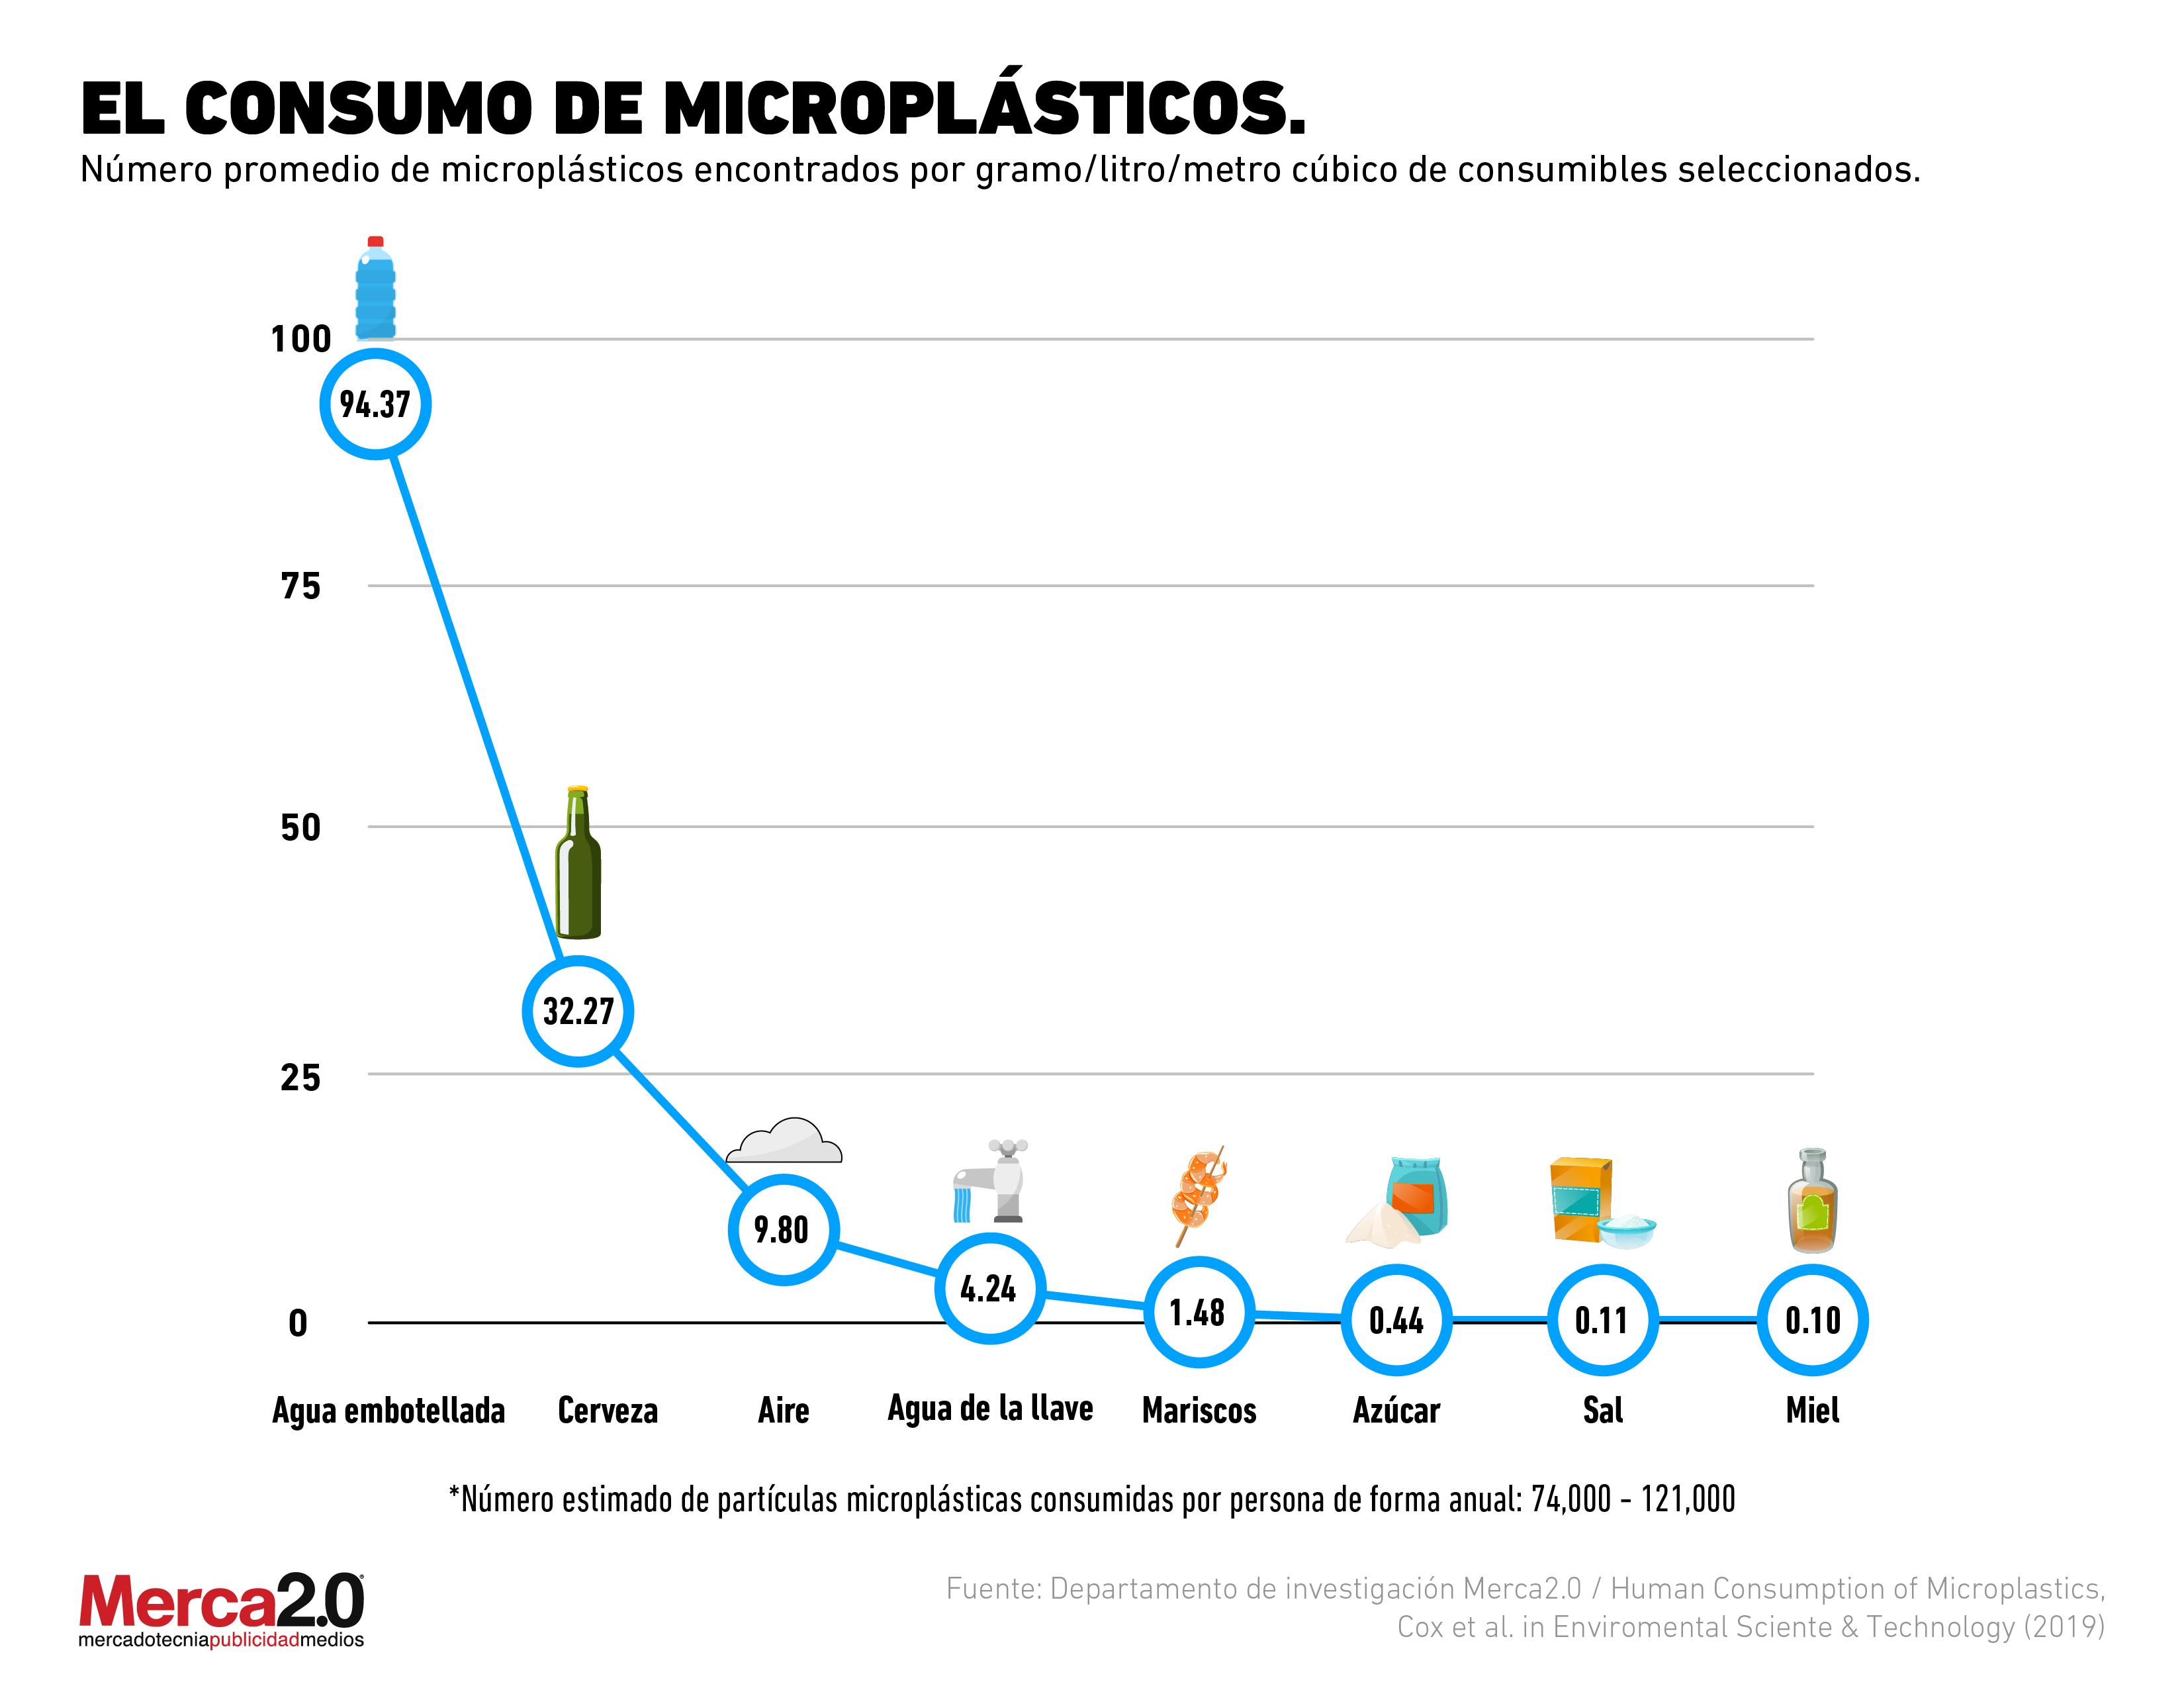 ¿Dónde se encuentran los microplásticos que ingieren los consumidores?